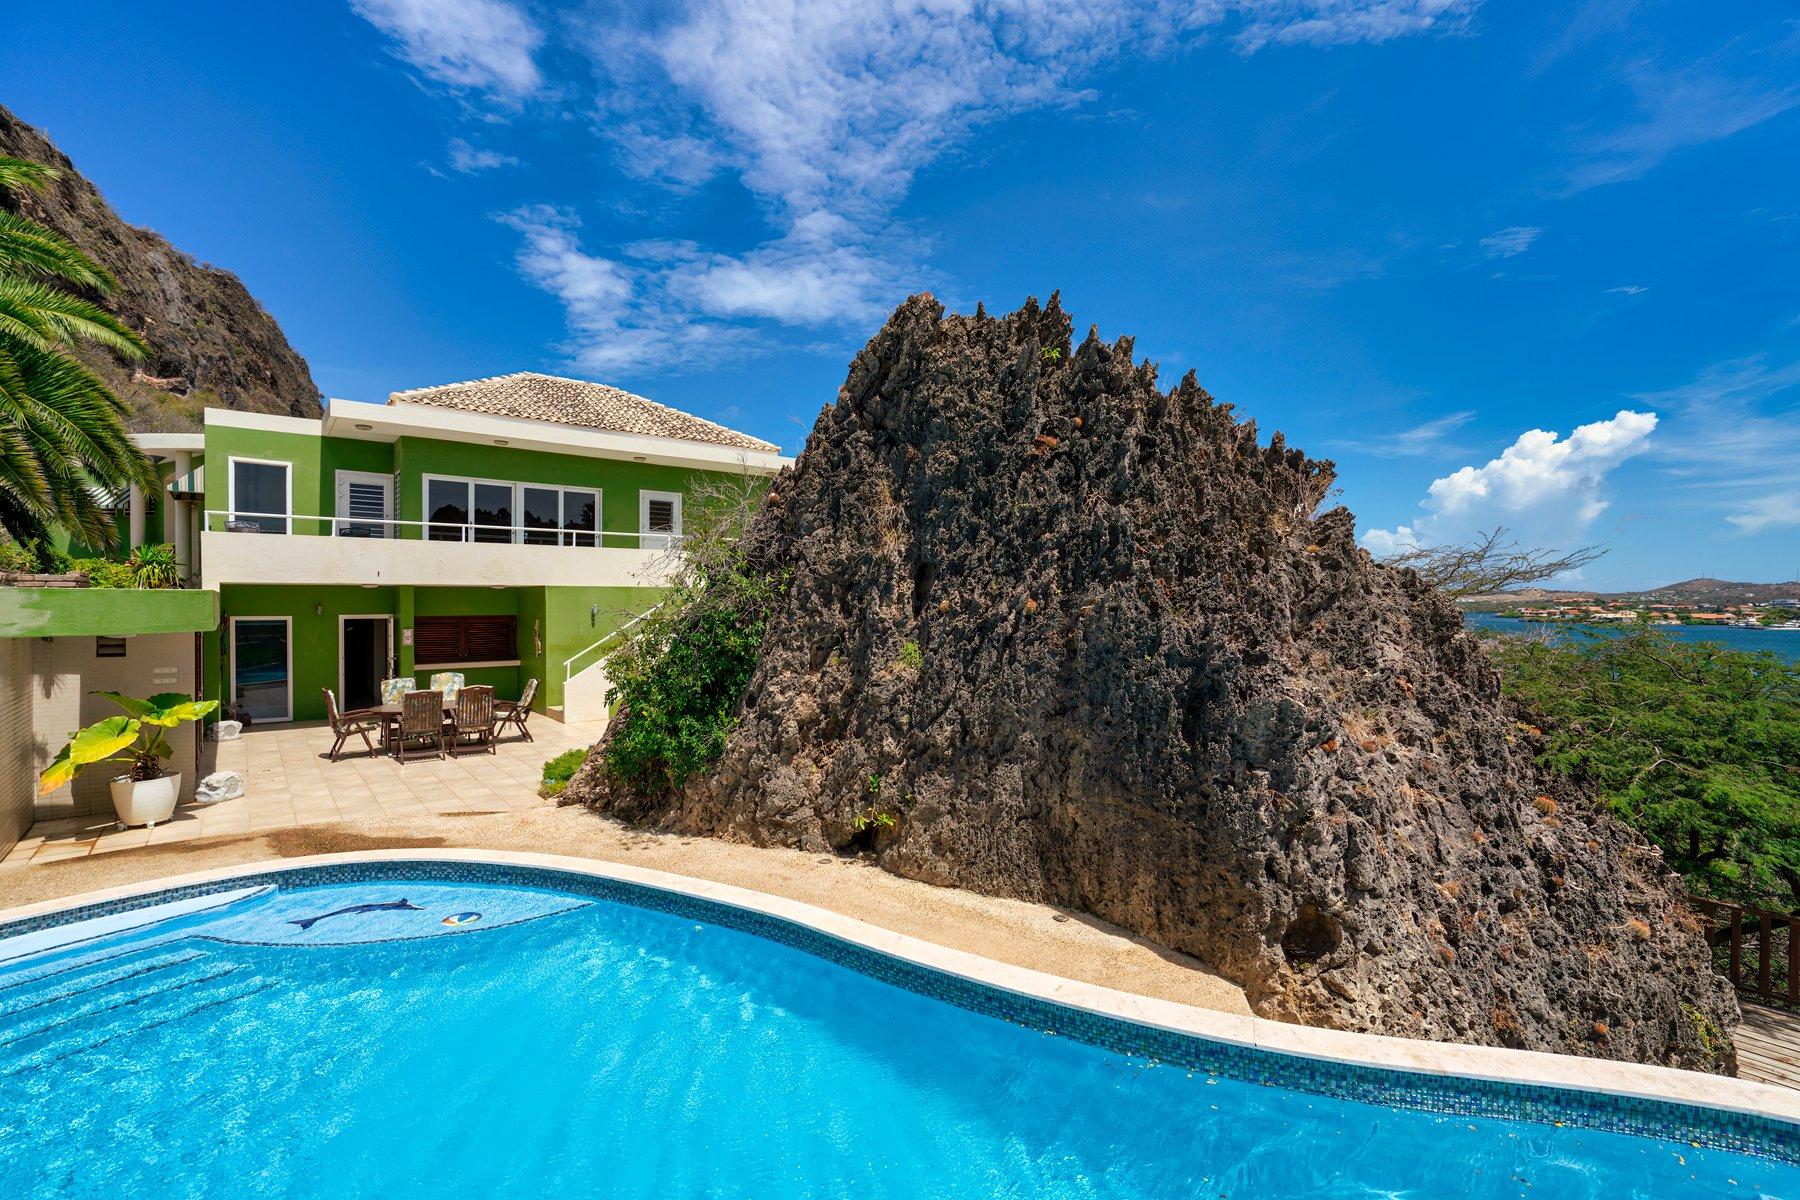 House in Willemstad, Curaçao, Curaçao 1 - 11545167